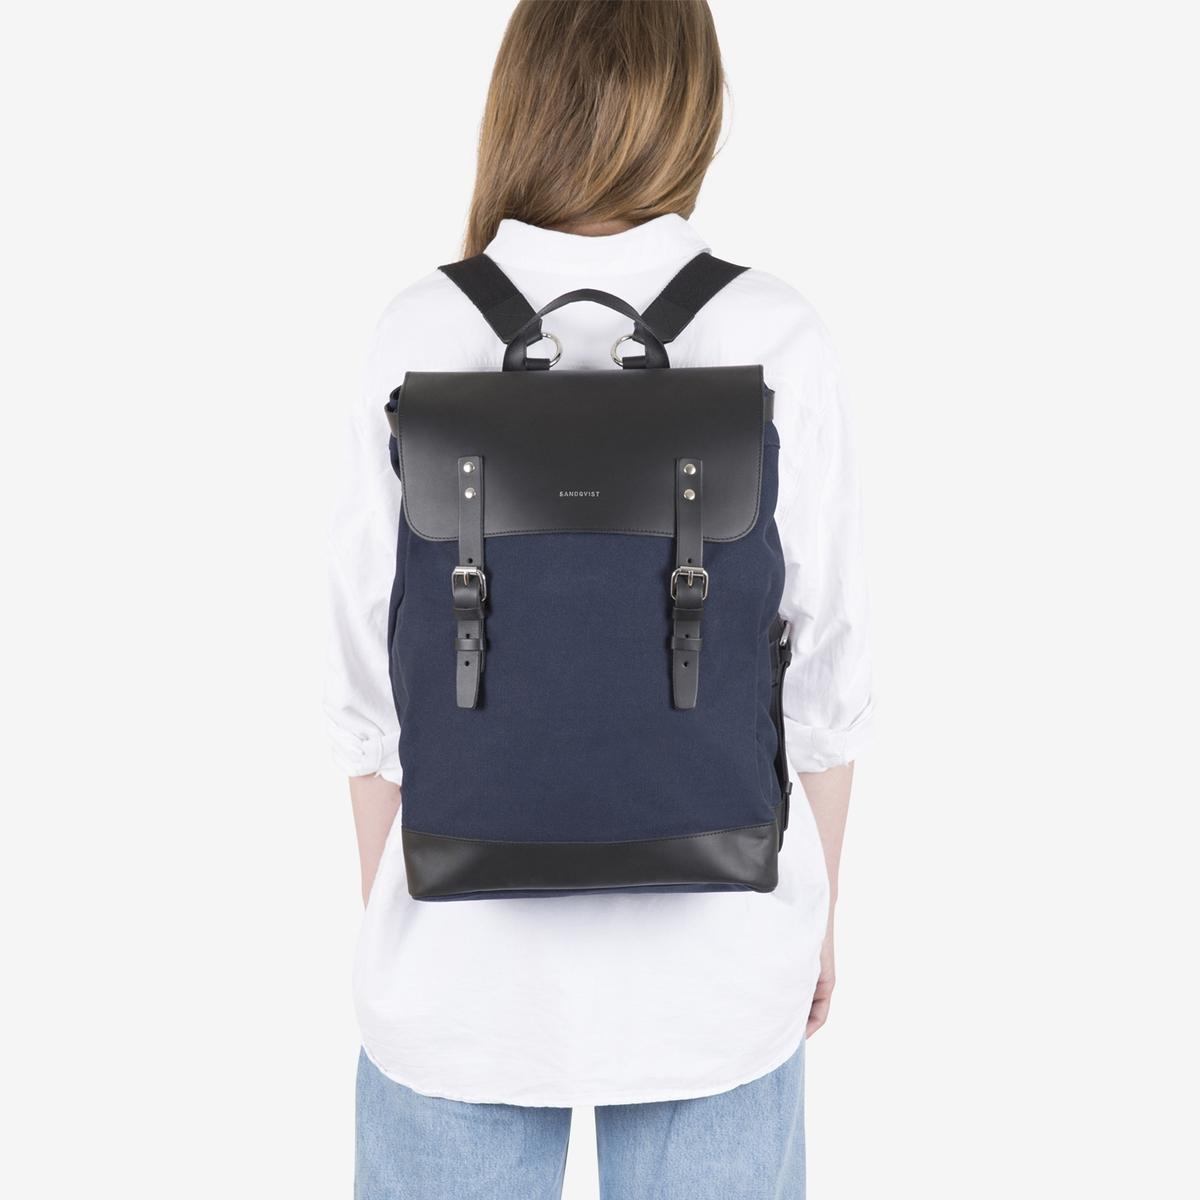 все цены на Рюкзак специально для ноутбука 15 дюймов, 18 л, HEGE